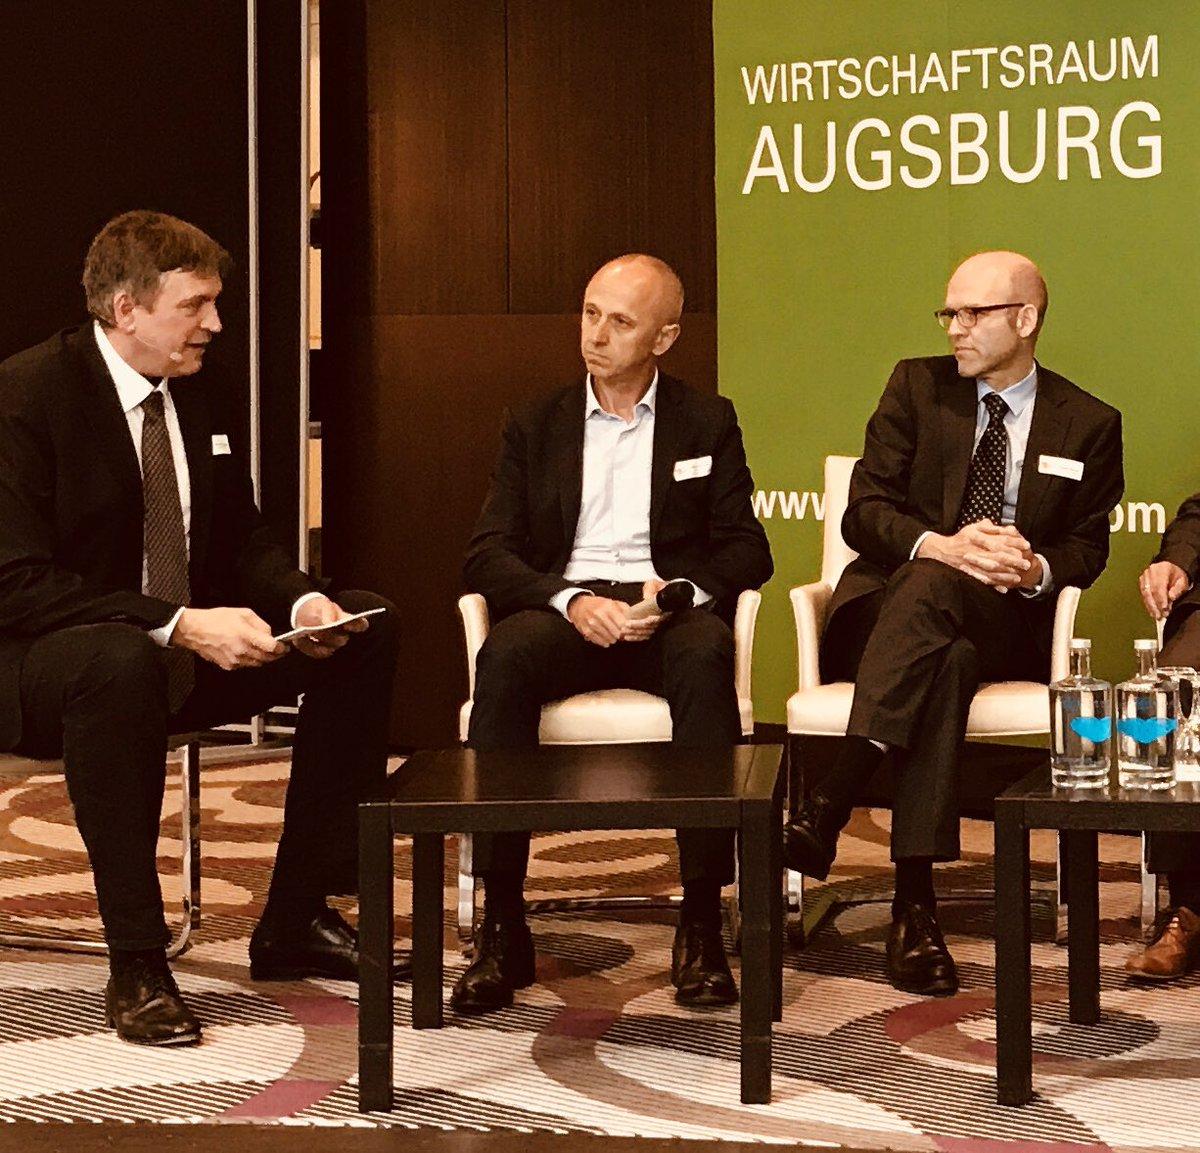 test Twitter Media - Wie realisiert die Region Augsburg ihre Wachstumschancen? Diese und weitere Fragen werden heute auf dem Immobilienkongress diskutiert. #immoadrei https://t.co/hGzpMfaCqm